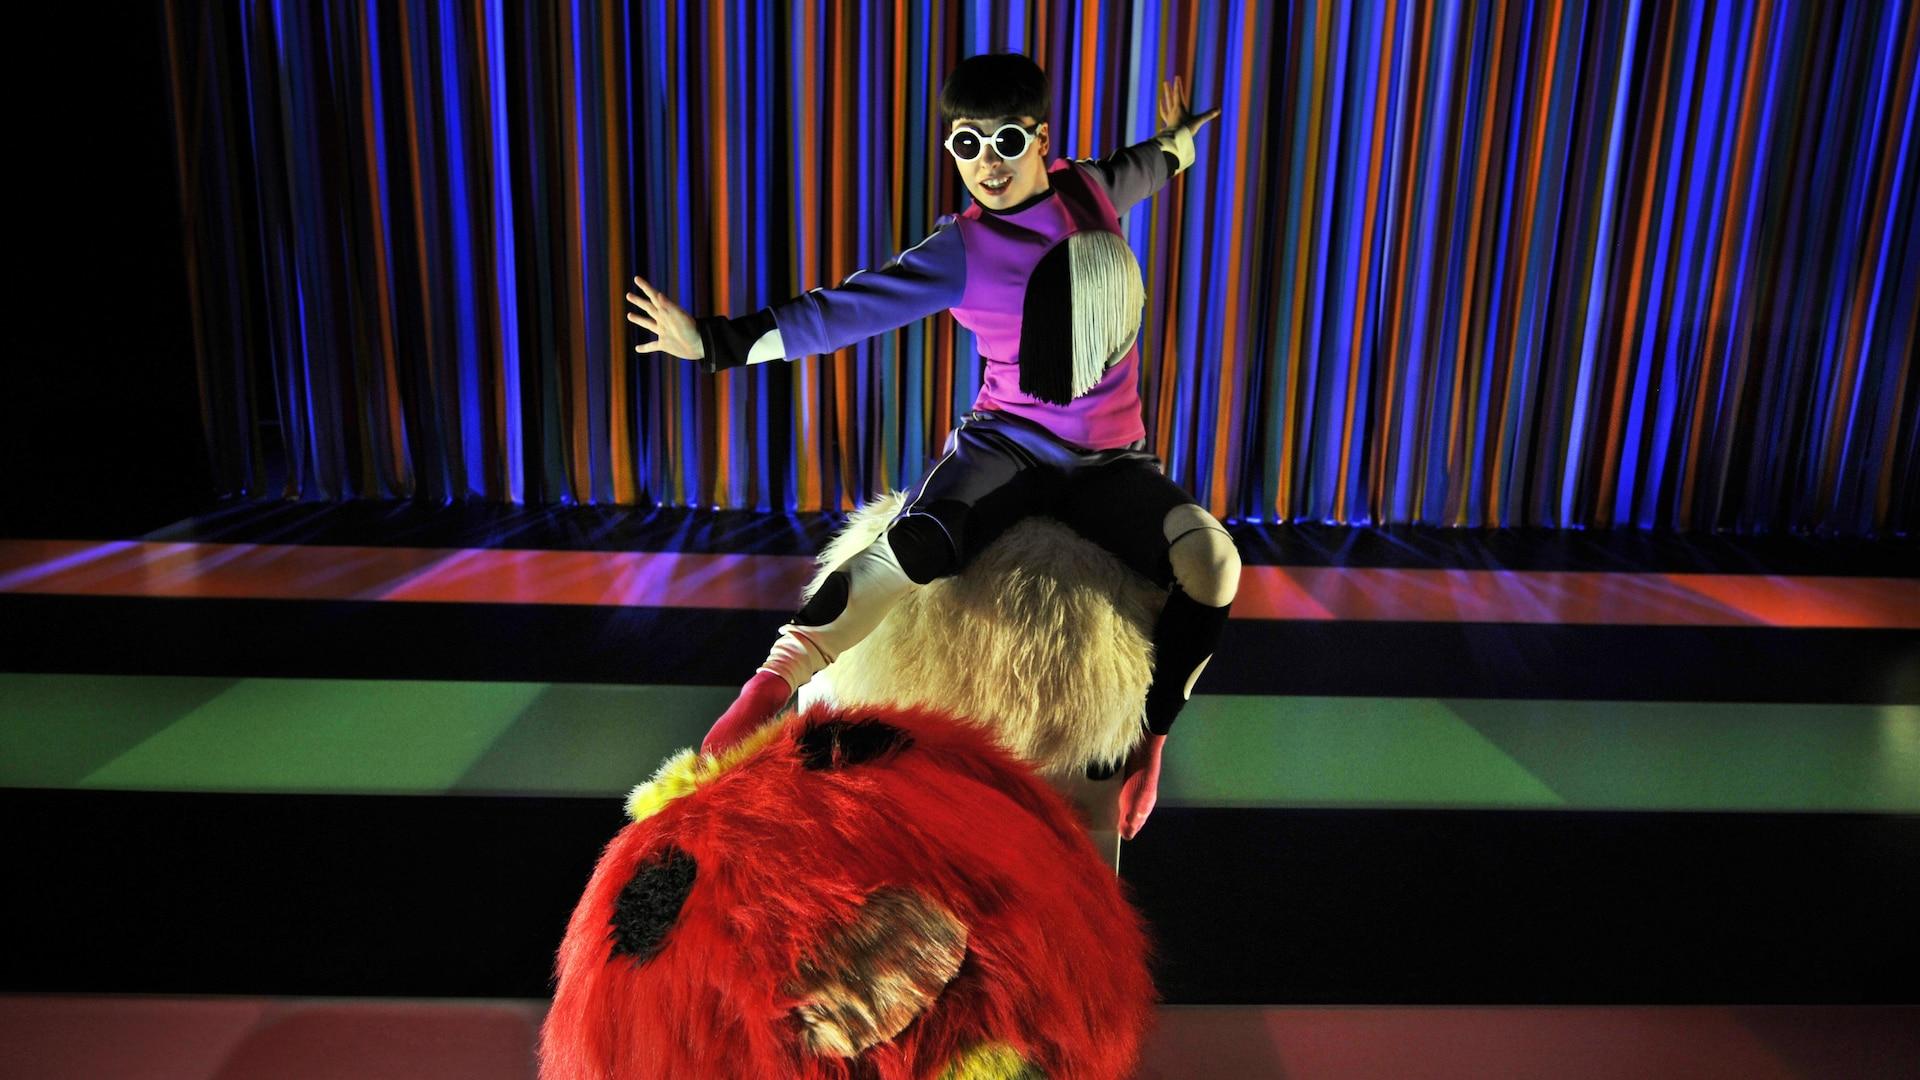 Une acrobate est assise, bras tendus, sur un gros rouleau de fourrure rouge et jaune.